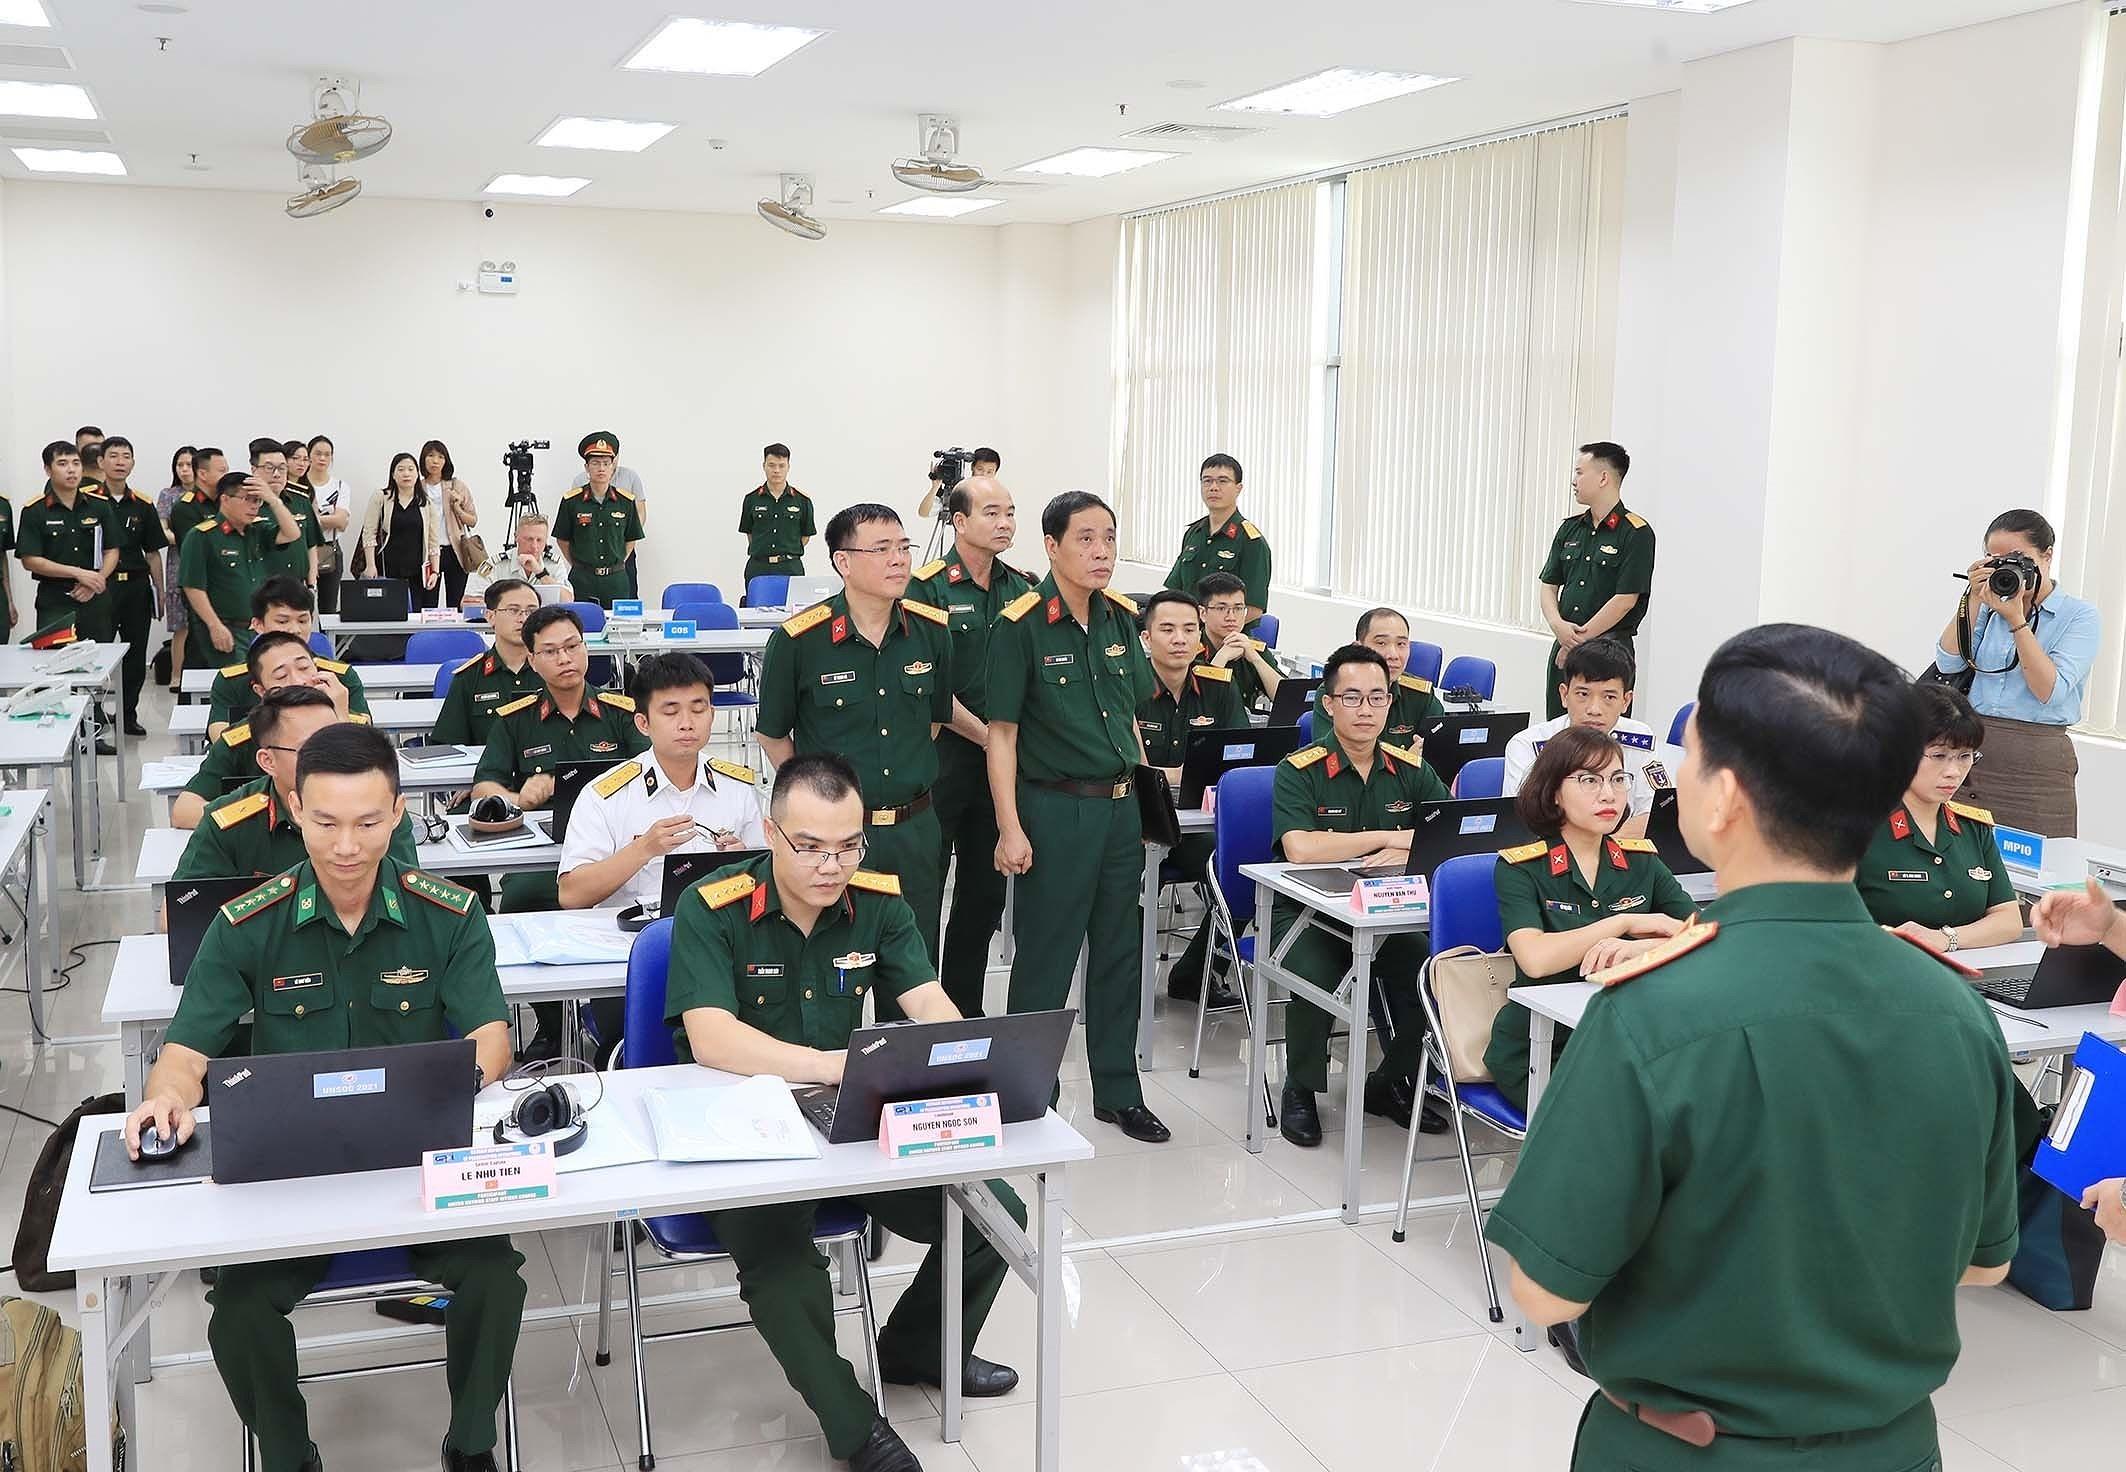 组图:联合国参谋业务培训班正式开幕 hinh anh 6